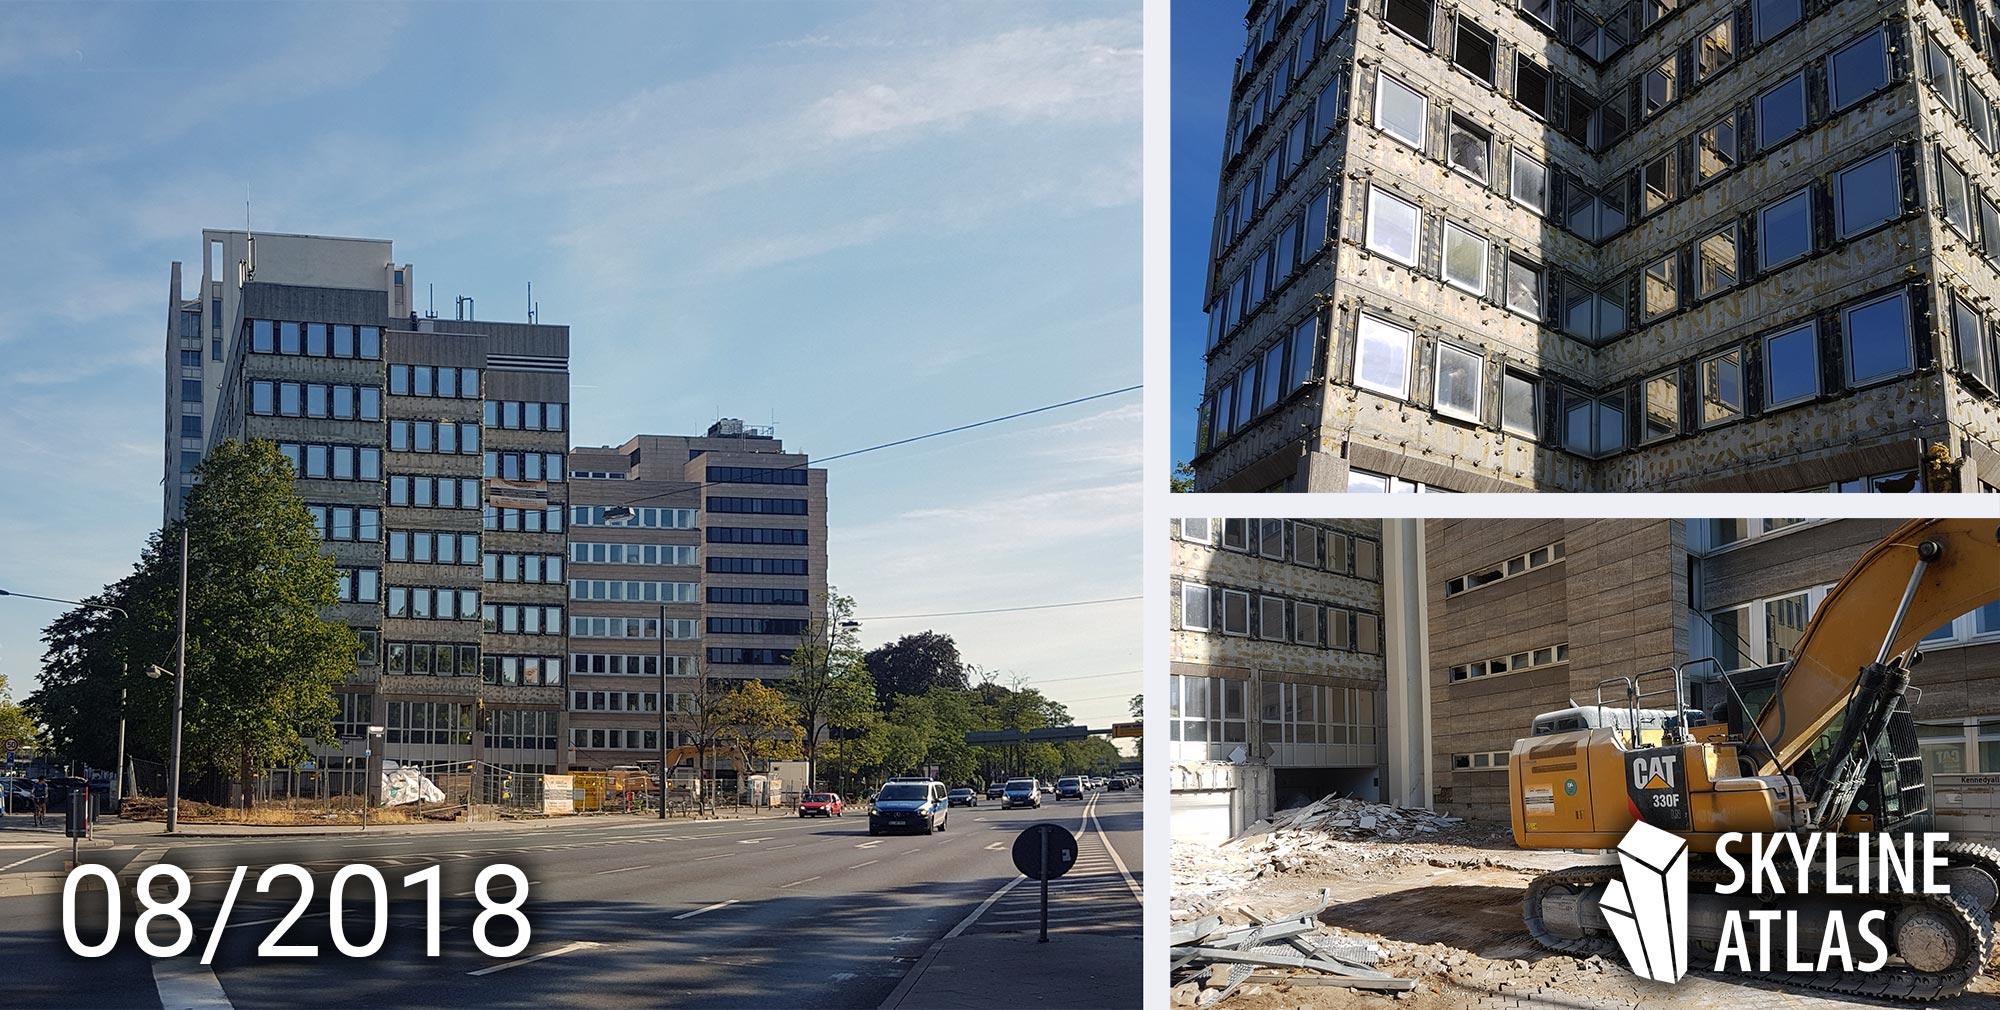 Abriss vom Hochhaus an der Ecke Kennedyallee-Stresemannallee in Frankfurt - August 2018